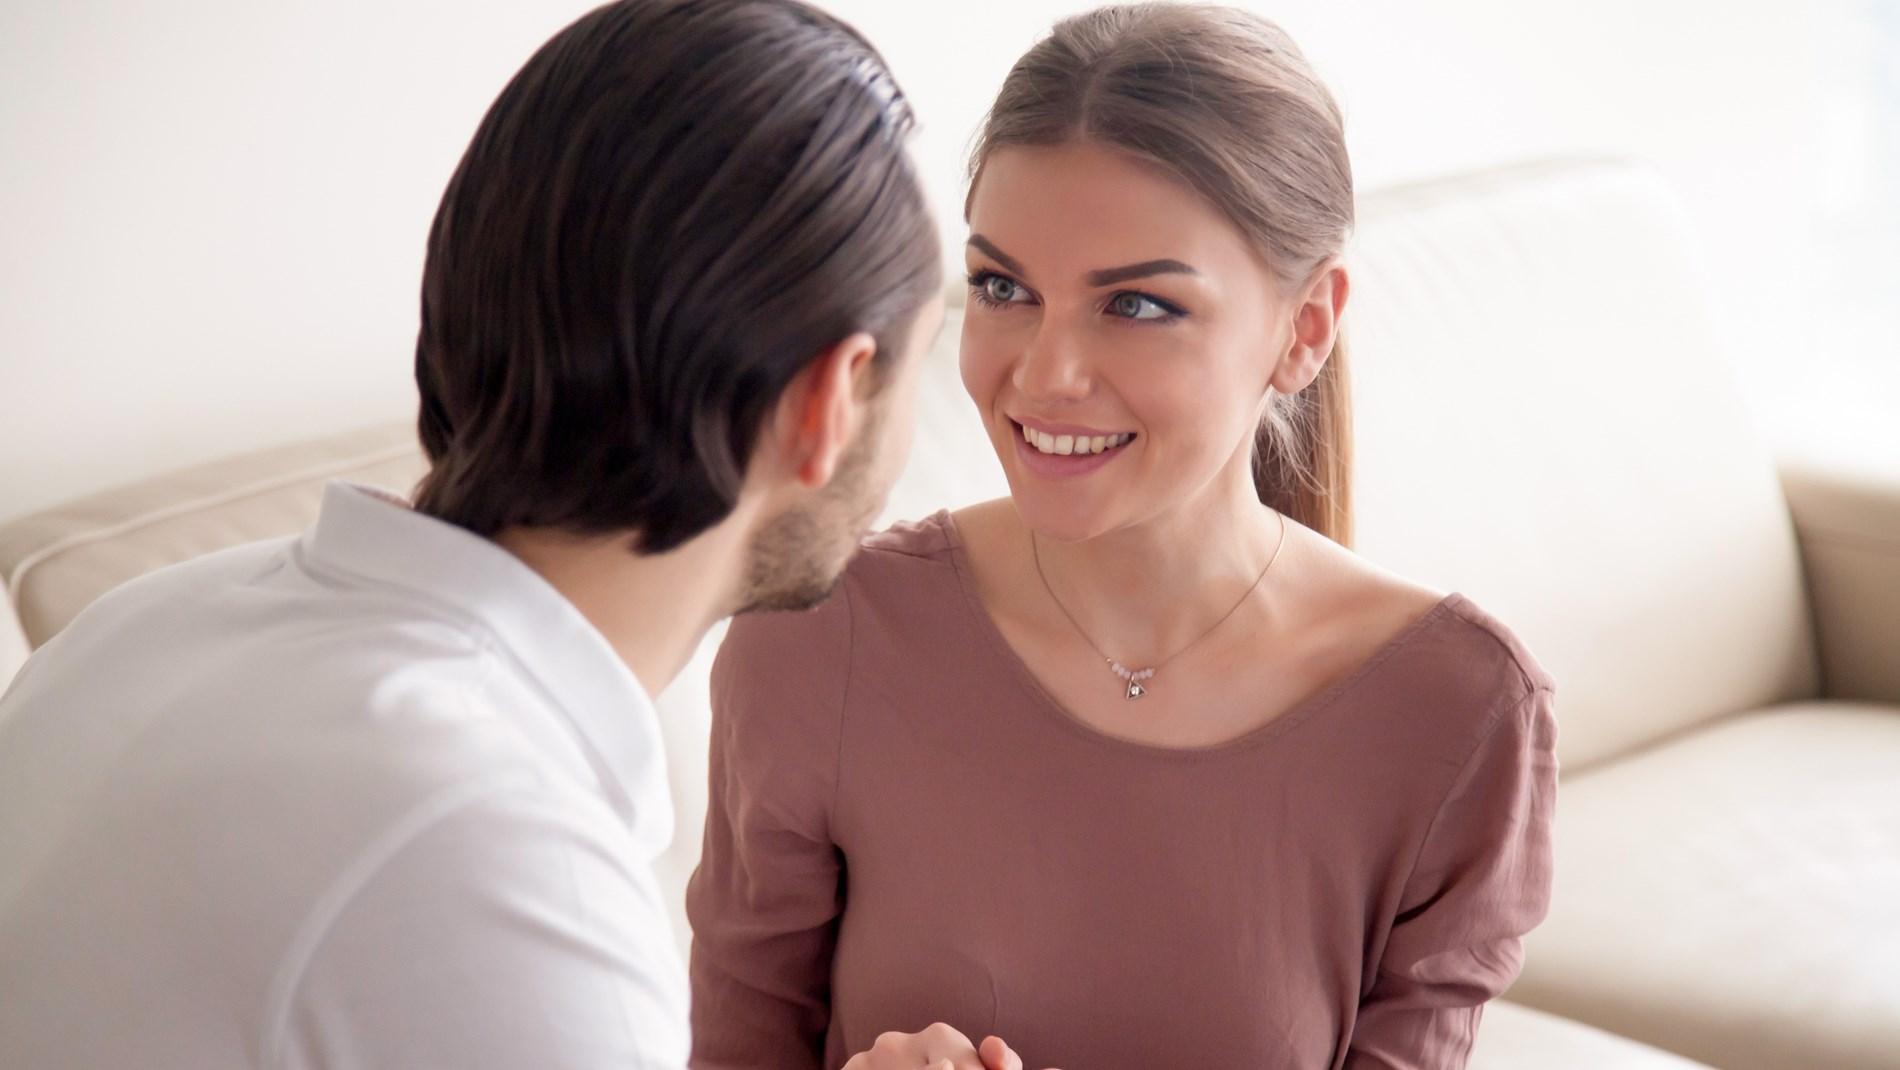 متي يقول الرجل أحبك بصدق؟.. علامات تؤكدلك